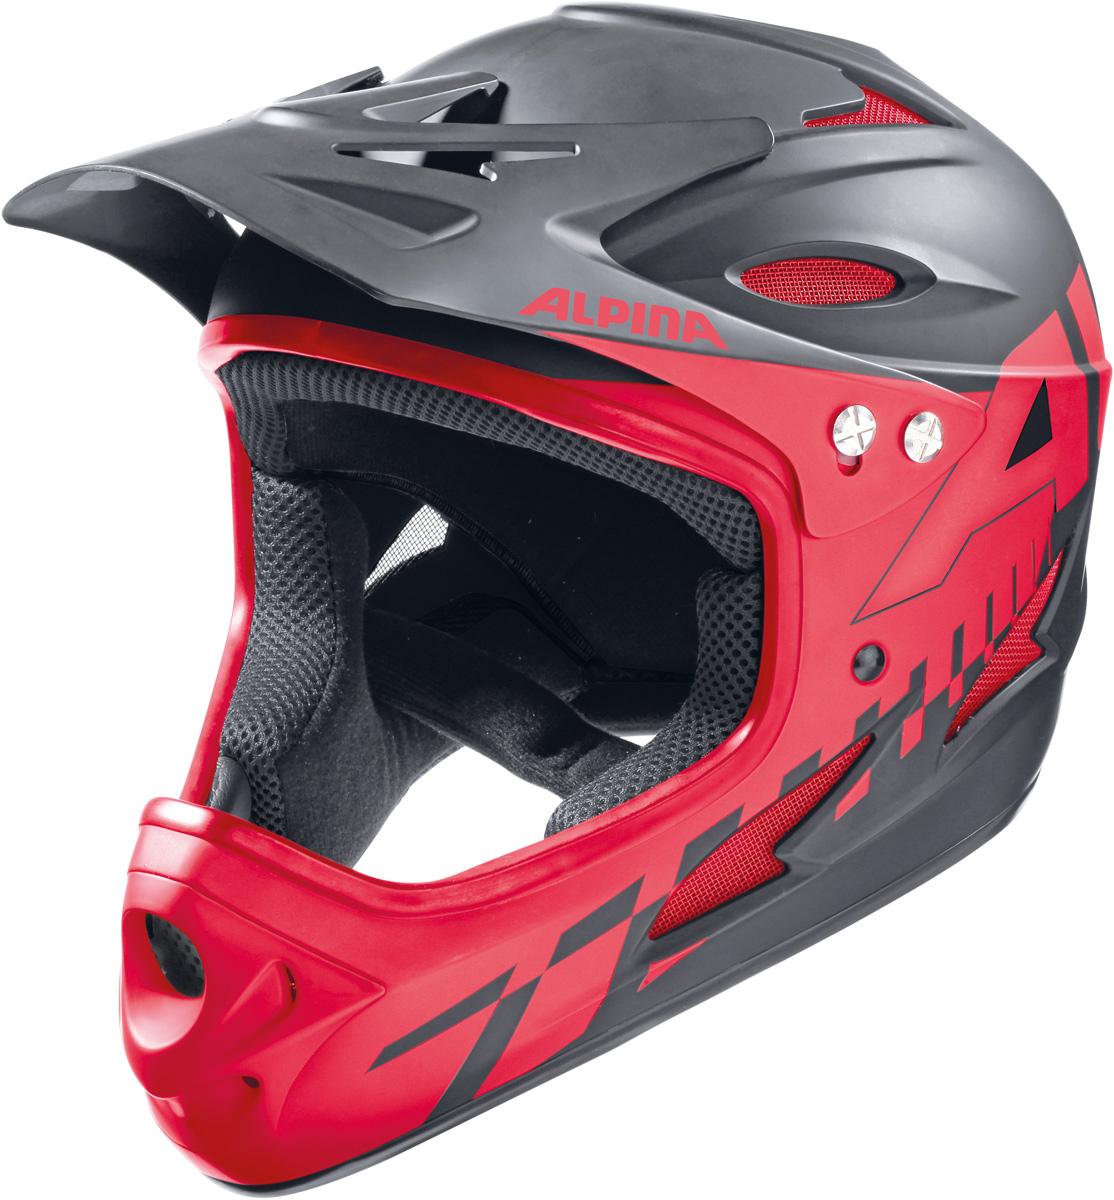 Шлем горнолыжный Alpina Fullface, цвет: черный, красный. A9689_32. Размер 59-60A9058_34Шлем-фуллфейс удовлетворит самые требовательные пожелания относительно защиты лица и головы. Alpina Fullface сертифицирован сразу по двум EN-стандартам: как горнолыжный (EN-1077), и как велосипедный шлем для экстремальных дисциплин (EN-1078). Модель Alpina Fullface является одной из самых легких в своем классе. Характеристики:- Шлем имеет максимально надежную и долговечную Hardshell конструкцию - предварительно отлитая оболочка из ударопрочного пластика ABS прочно соединена с внутренней оболочкой из вспененного полистирола.- Вентиляционные отверстия препятствуют перегреву и позволяют поддерживать идеальную температуру внутри шлема. Для этого инженеры Alpina используют эффект Вентури, чтобы сделать циркуляцию воздуха постоянной и максимально эффективной.- Регулируемый козырек.- Вентиляционные отверстия в передней части шлема снабжены противомоскитной сеткой.- Вместо фастекса на ремешке используется красная кнопка с автоматическим запирающим механизмом, которую легко использовать даже в лыжных перчатках. Механизм защищён от произвольного раскрытия при падении.Что взять с собой на горнолыжную прогулку: рассказывают эксперты. Статья OZON Гид